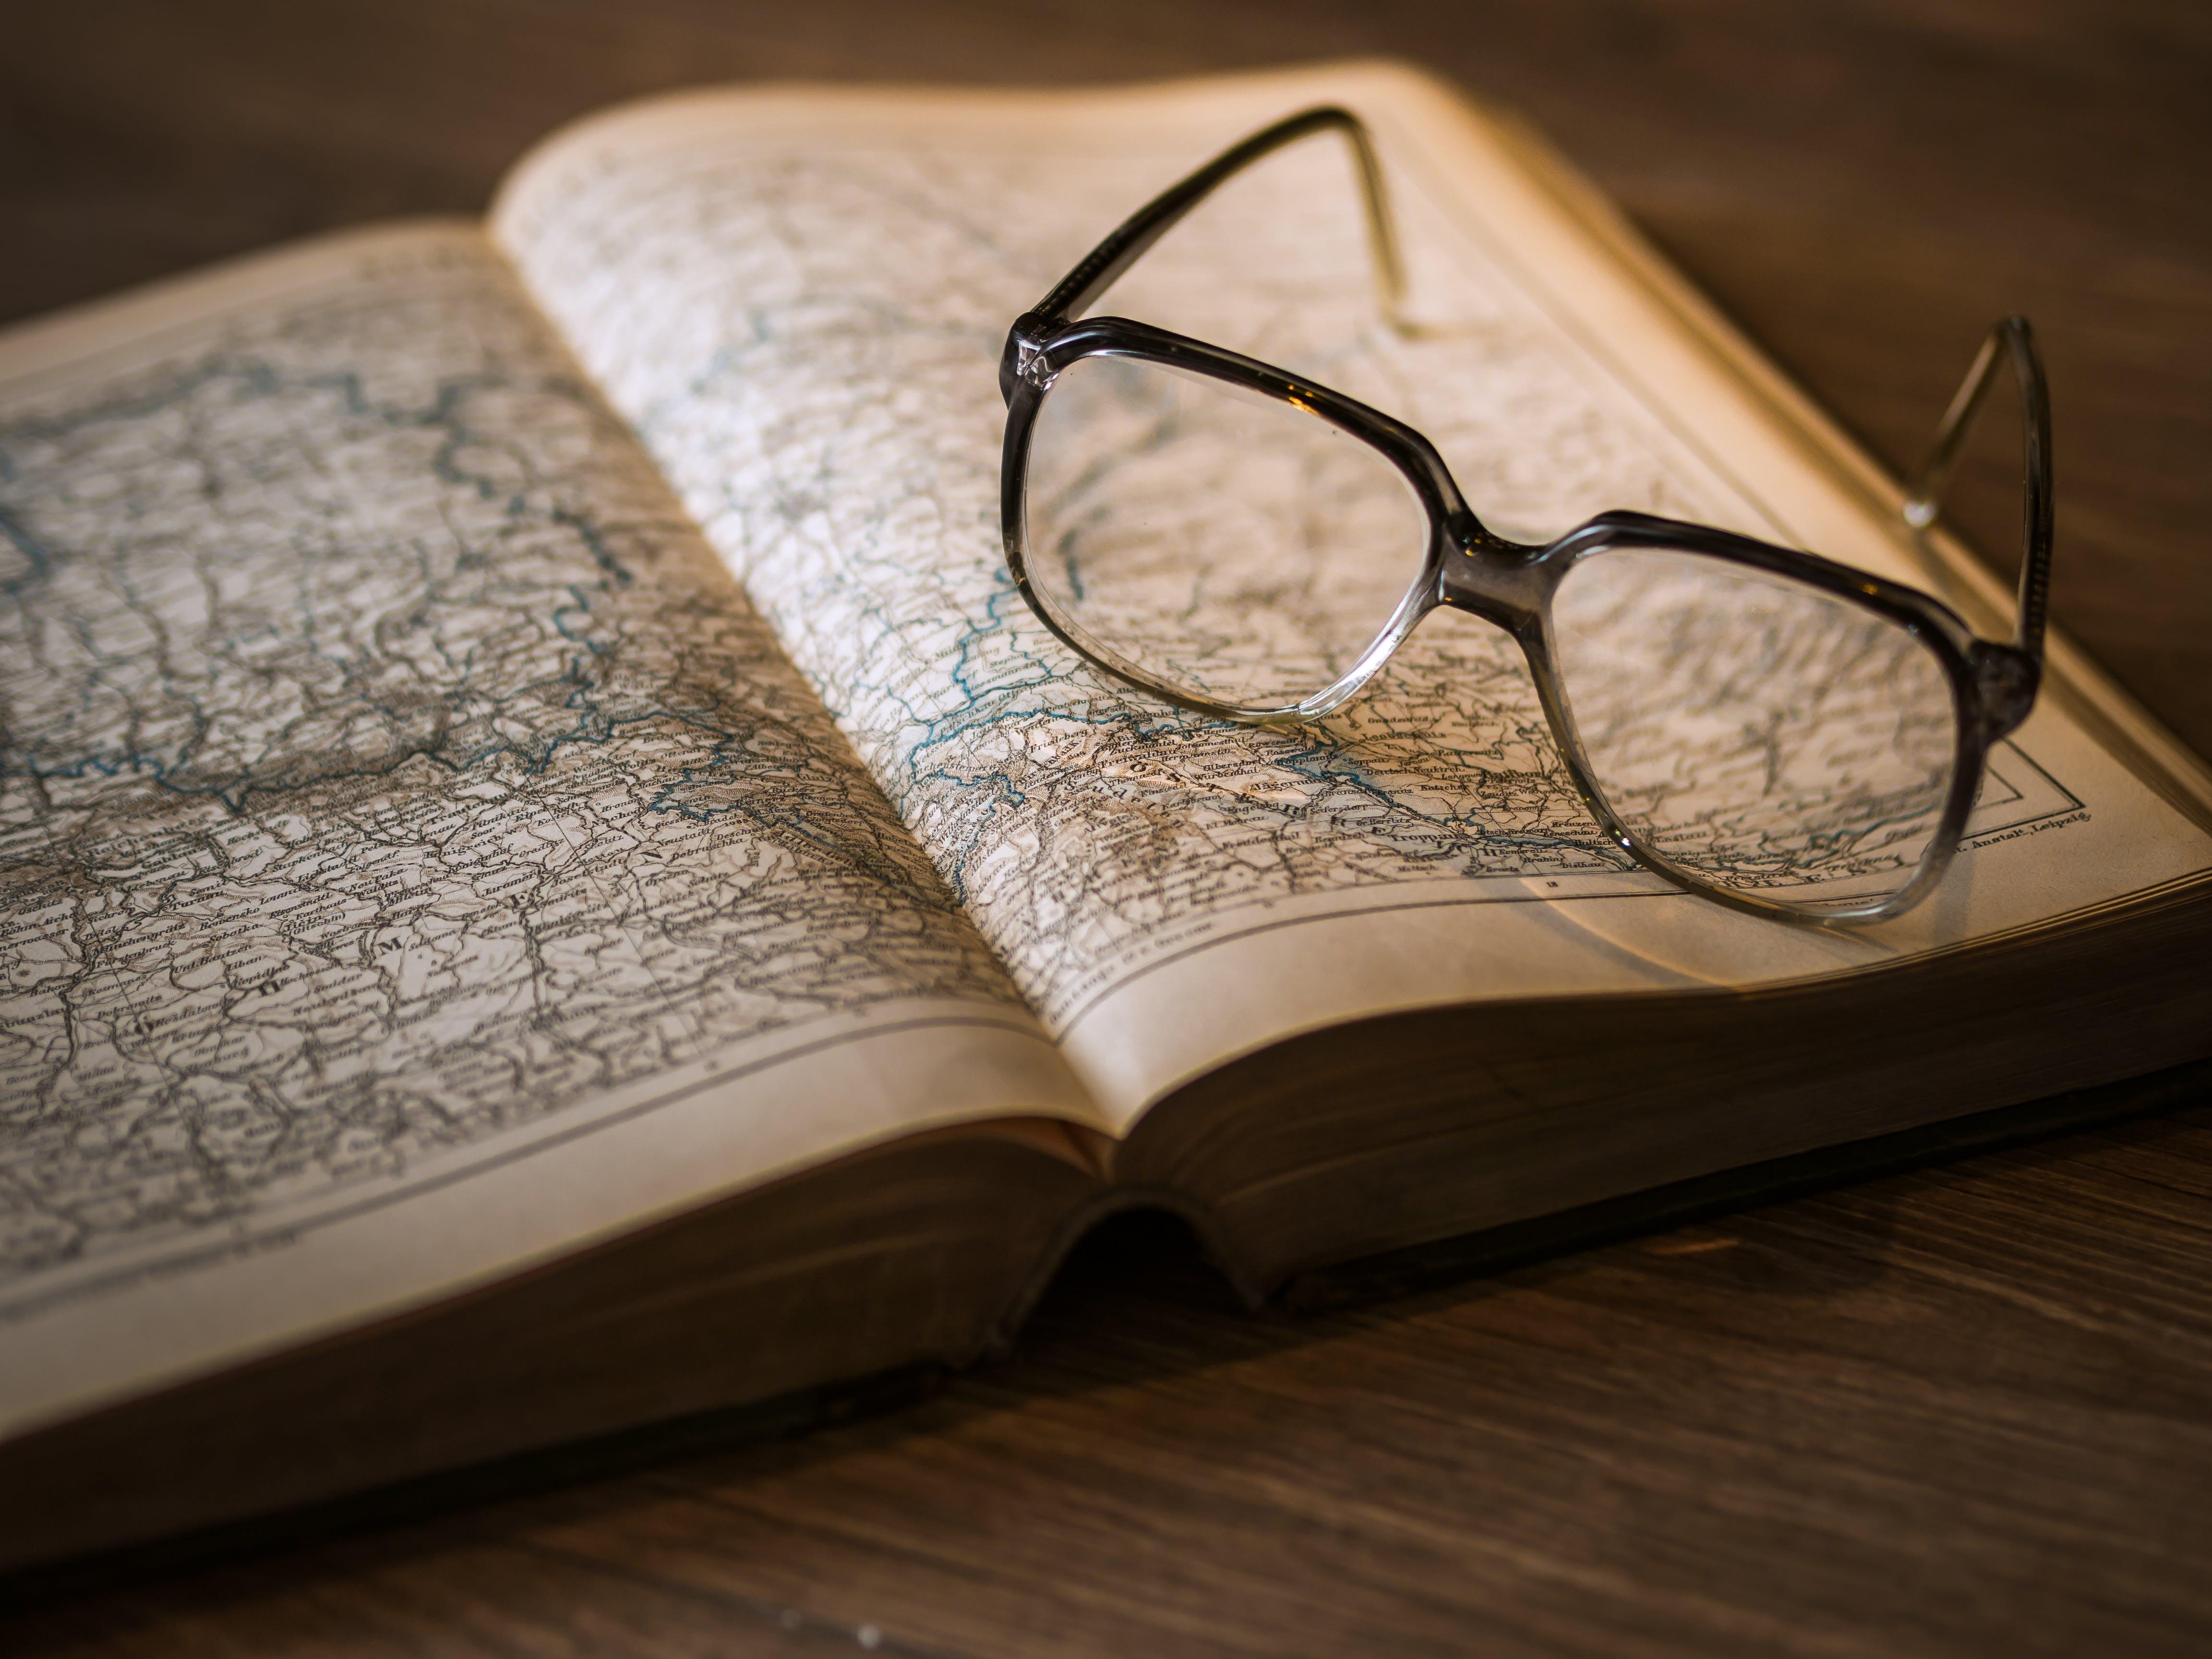 Δωρεάν στοκ φωτογραφιών με γυαλιά, γυαλιά οράσεως, σελίδα, χάρτης